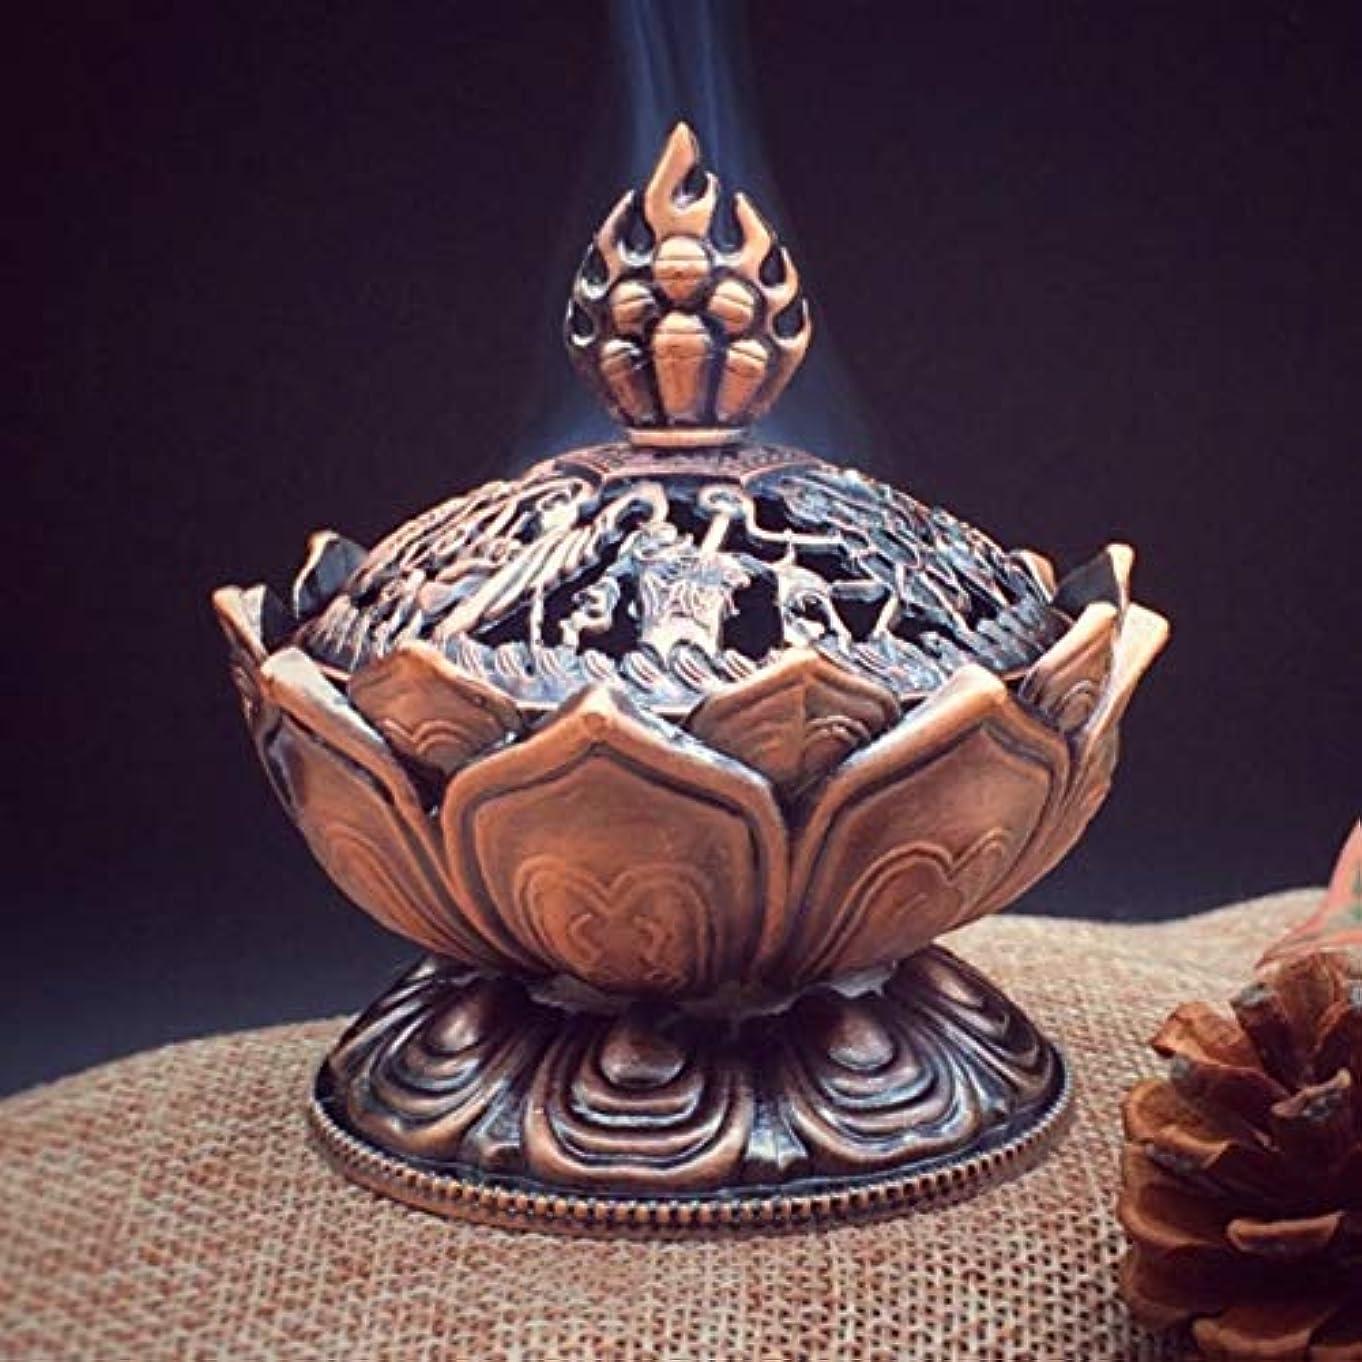 コメントマーティンルーサーキングジュニアプラカードHoly Tibetan Lotus Designed Incense Burner Zinc Alloy Bronze Mini Incense Burner Incensory Metal Craft Home Decor